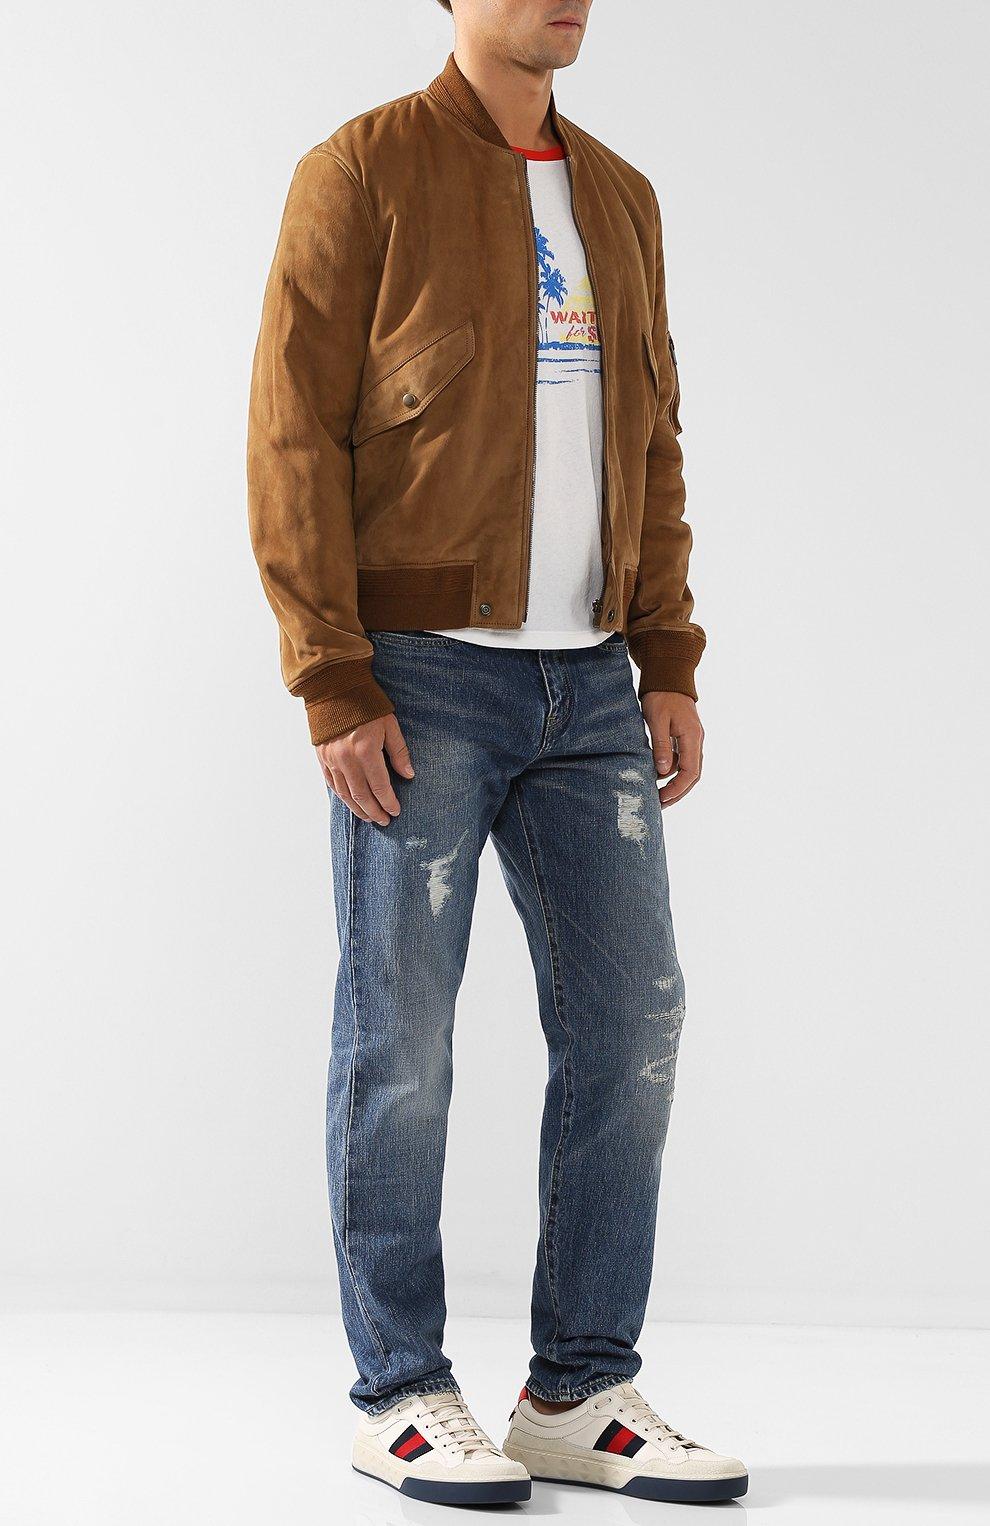 Мужская обувь Gucci по цене от 15 500 руб. купить в интернет-магазине ЦУМ 568104724f4